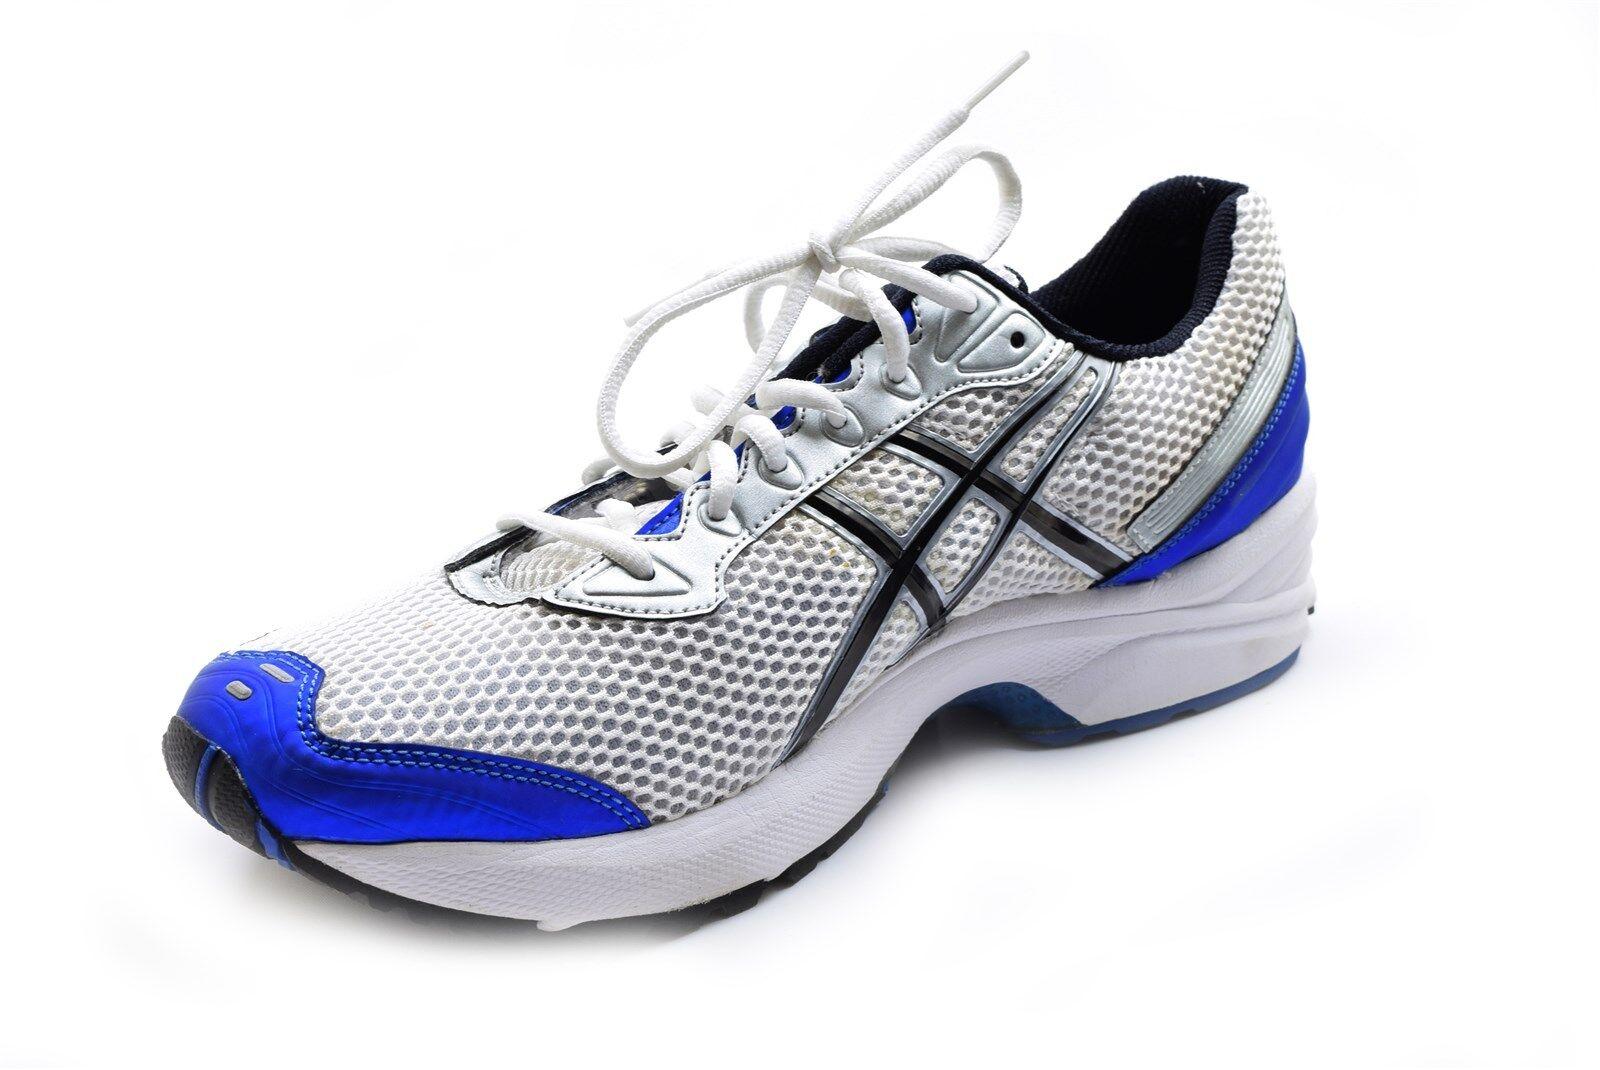 Le scarpe da corsa degli uomini bianchi / argento / 2e blue tn531 misura 12,5 2e / pennino 2b9f97